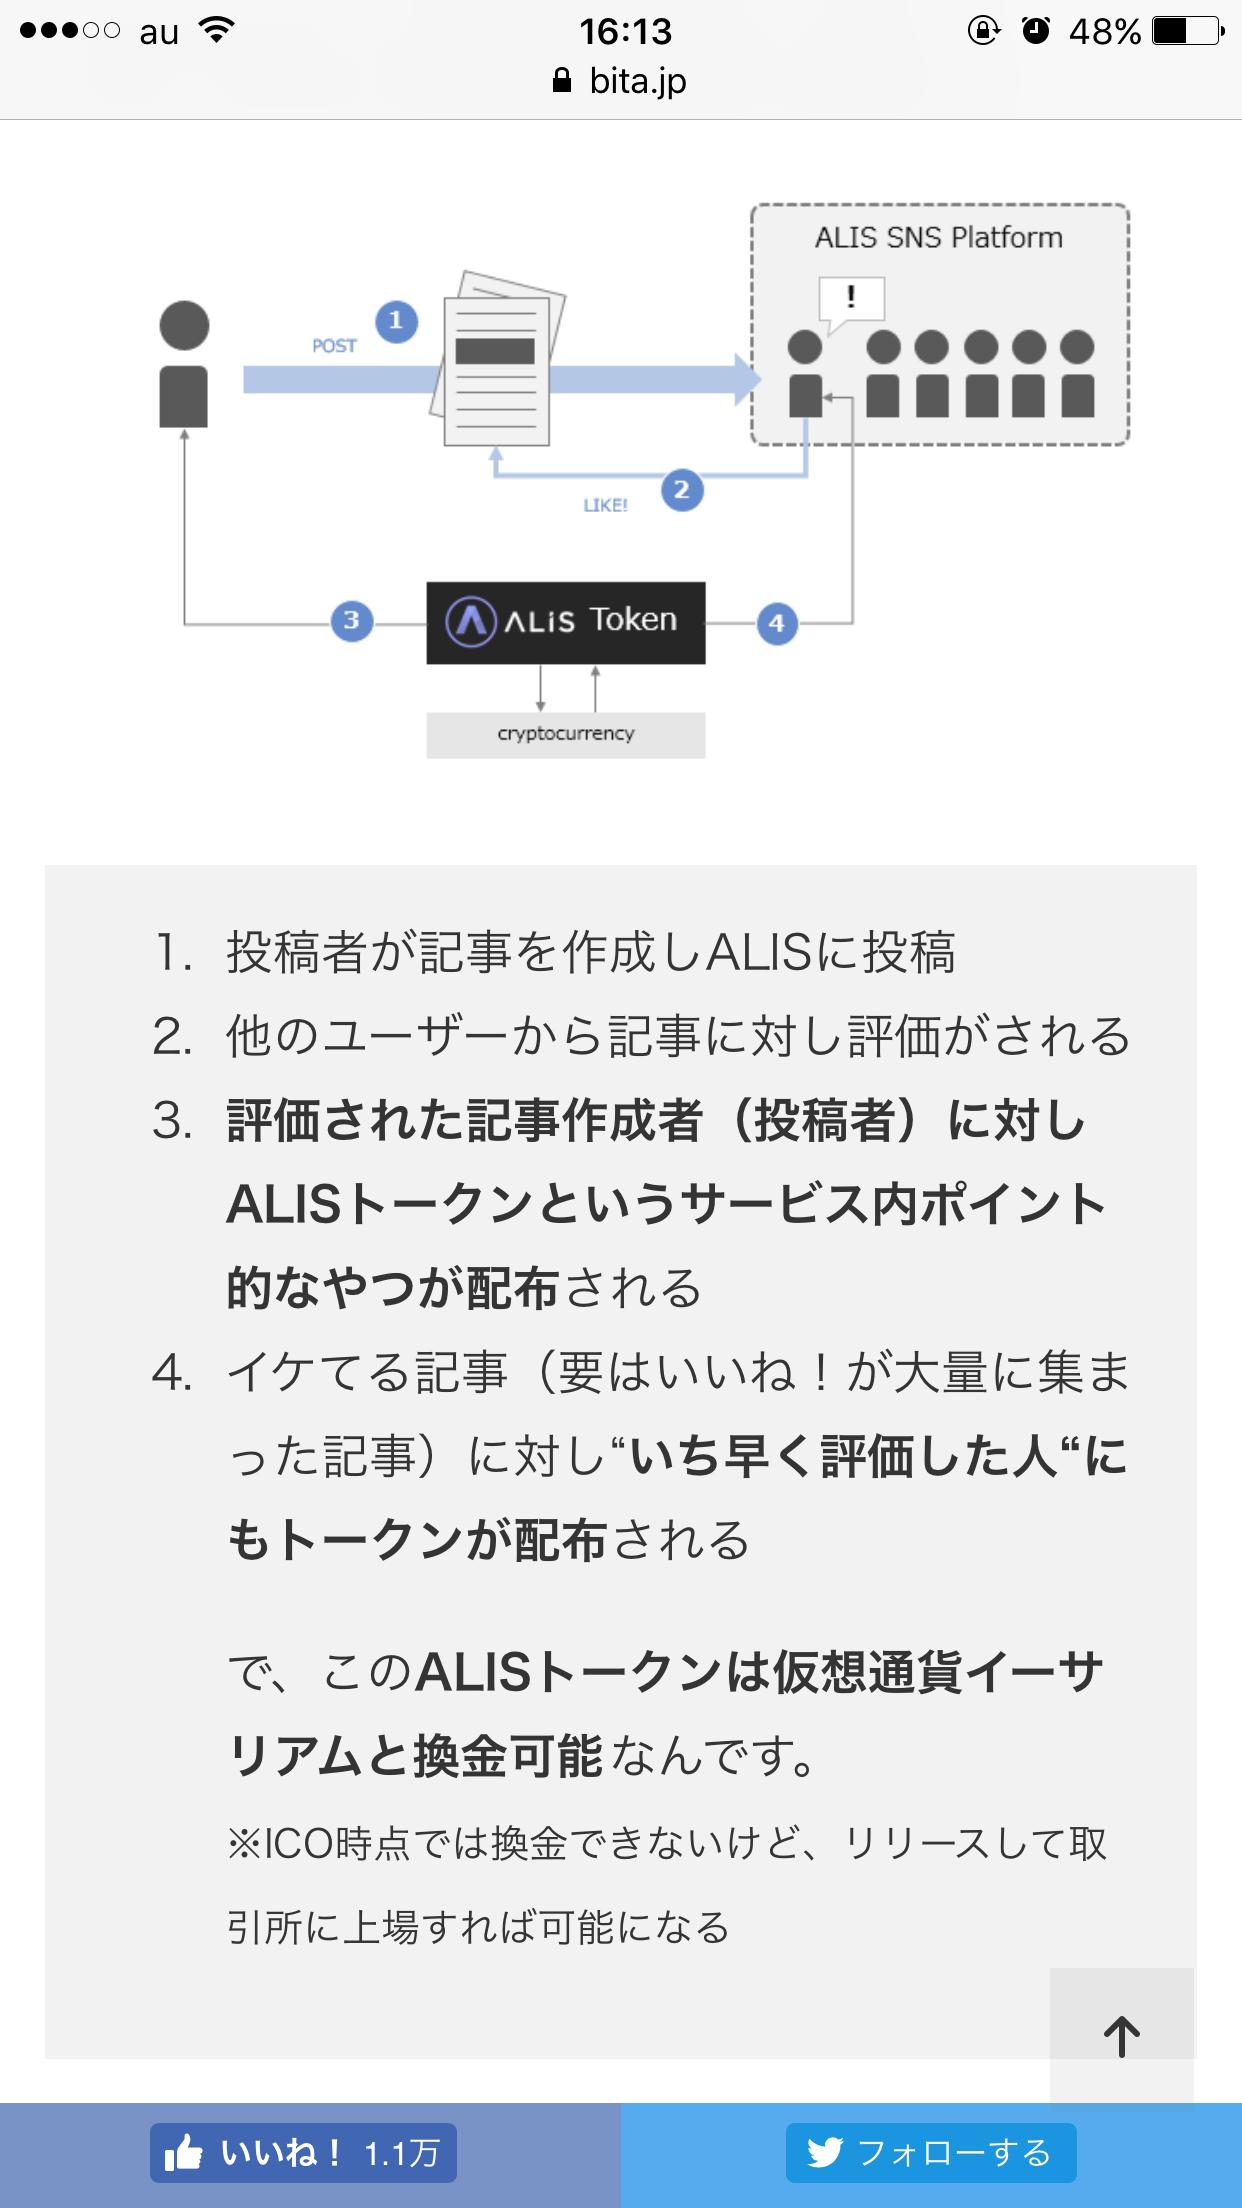 Alis トークン 日本向けブロックチェーンsns『alis』がicoでの資金調達に挑戦